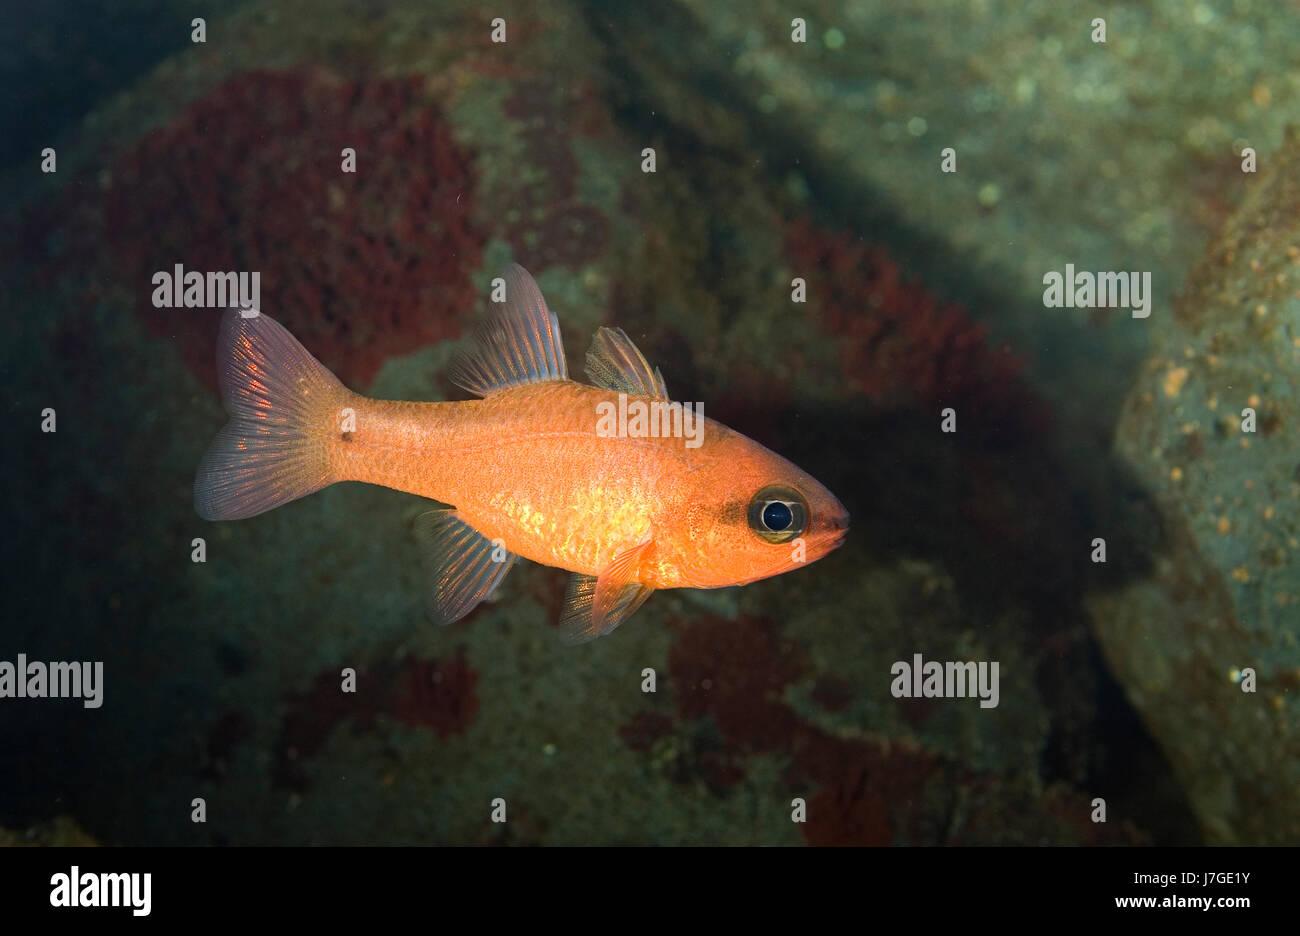 Cardinal fish, Apogon imberbis. Madeira, Portugal. - Stock Image